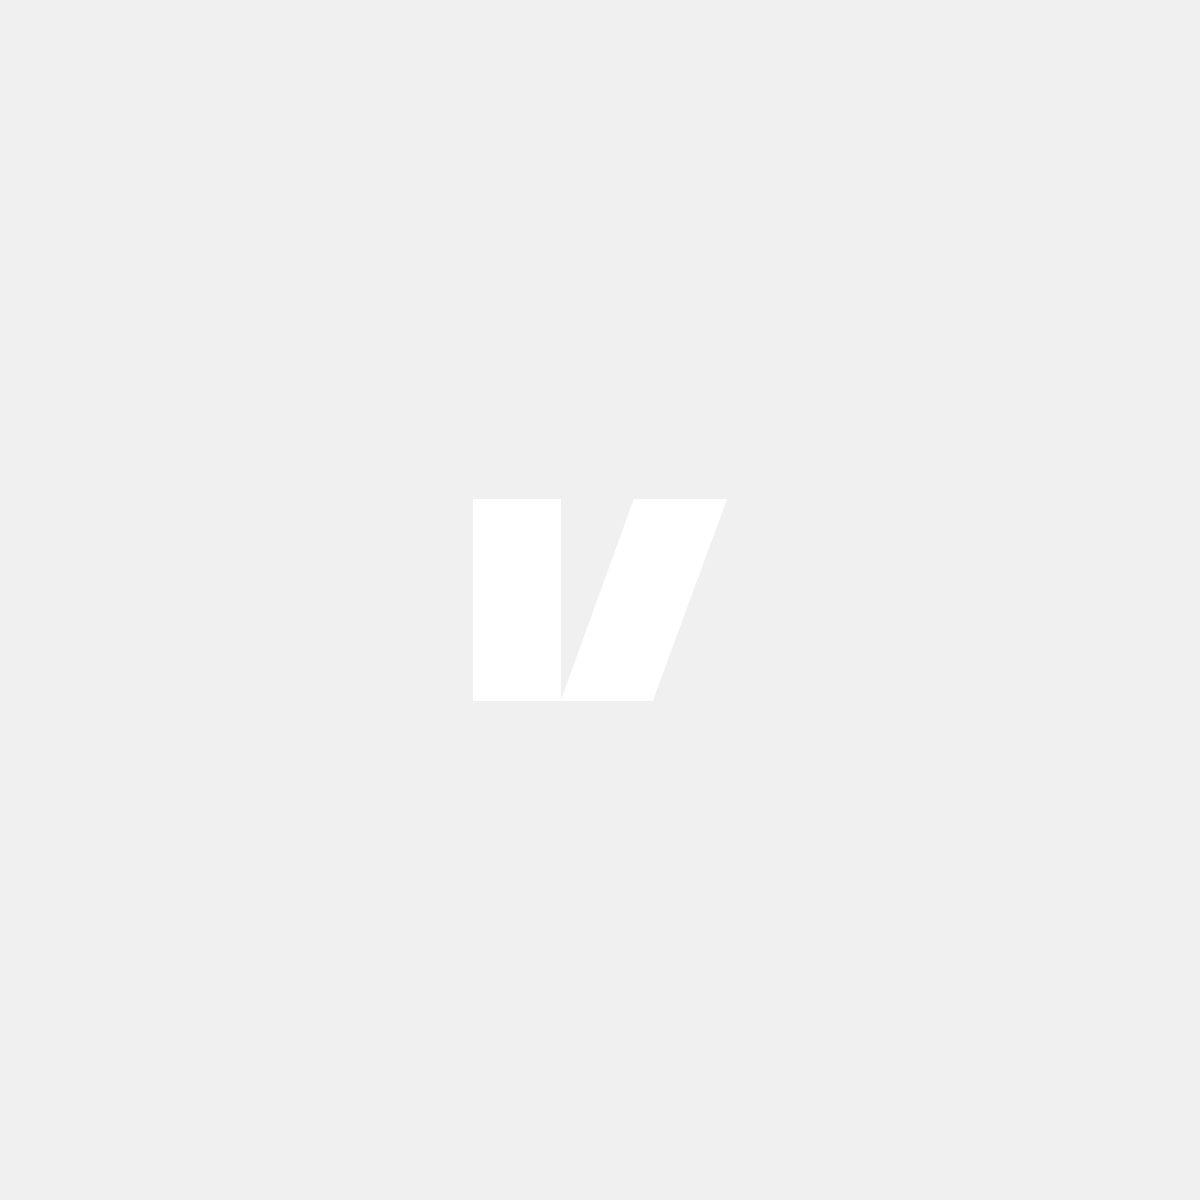 Smutsskydd till Volvo XC60, 09-17